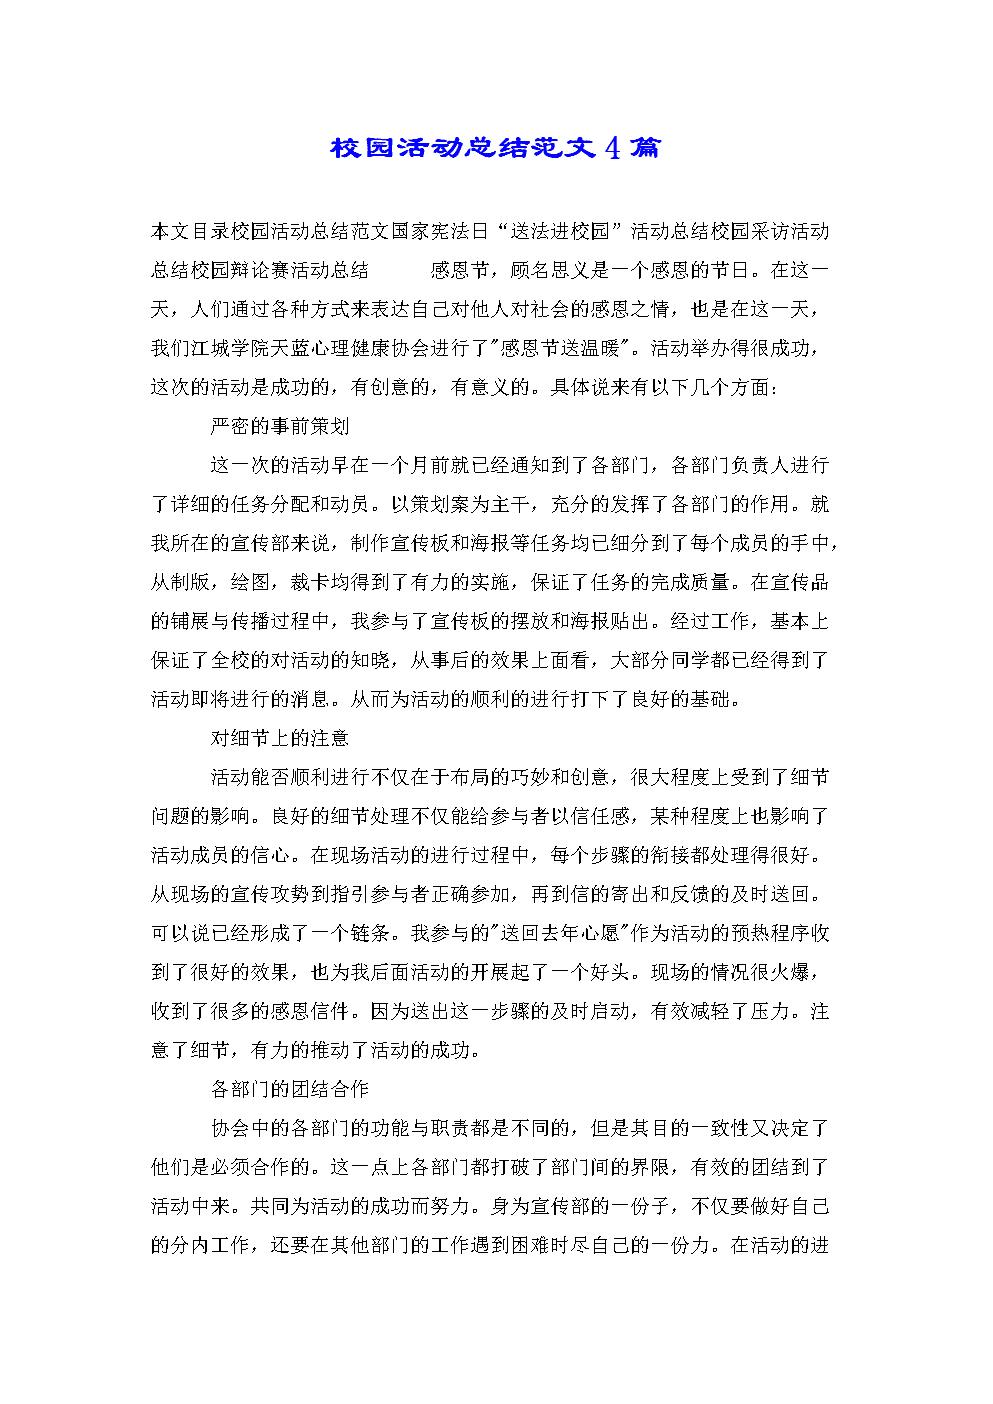 校园活动总结范文4篇.doc